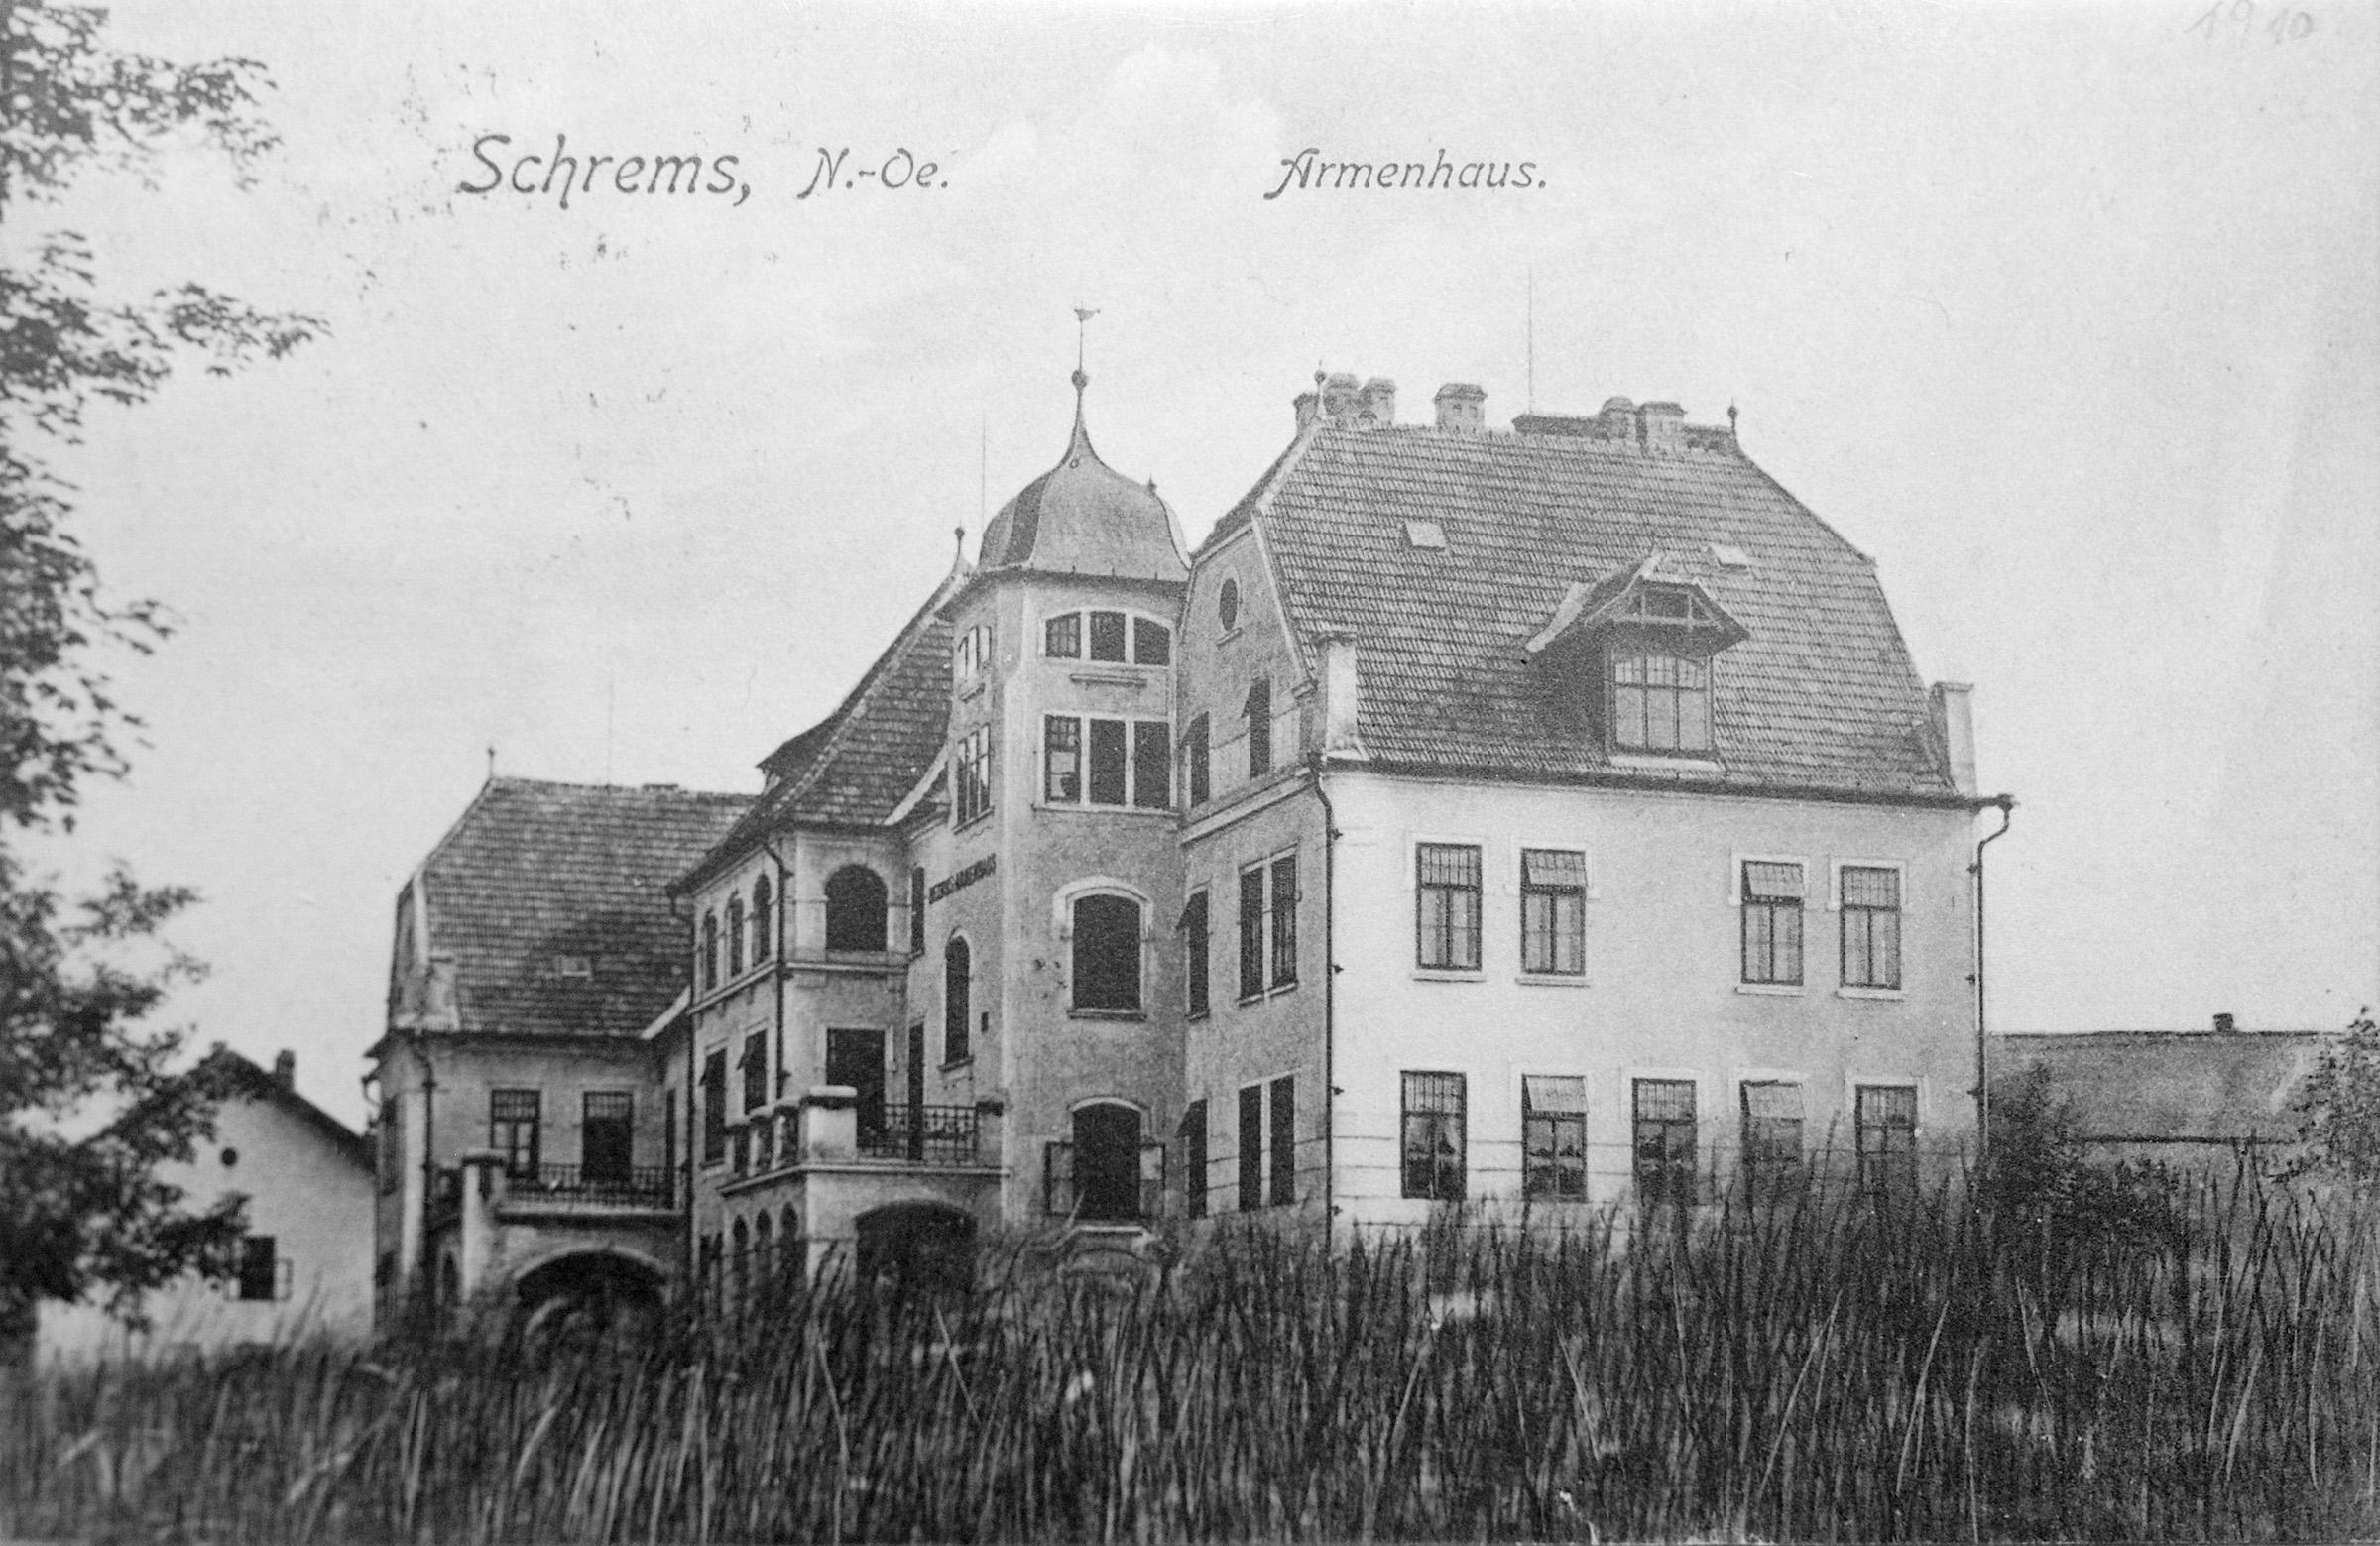 Armenhaus Schrems.jpg